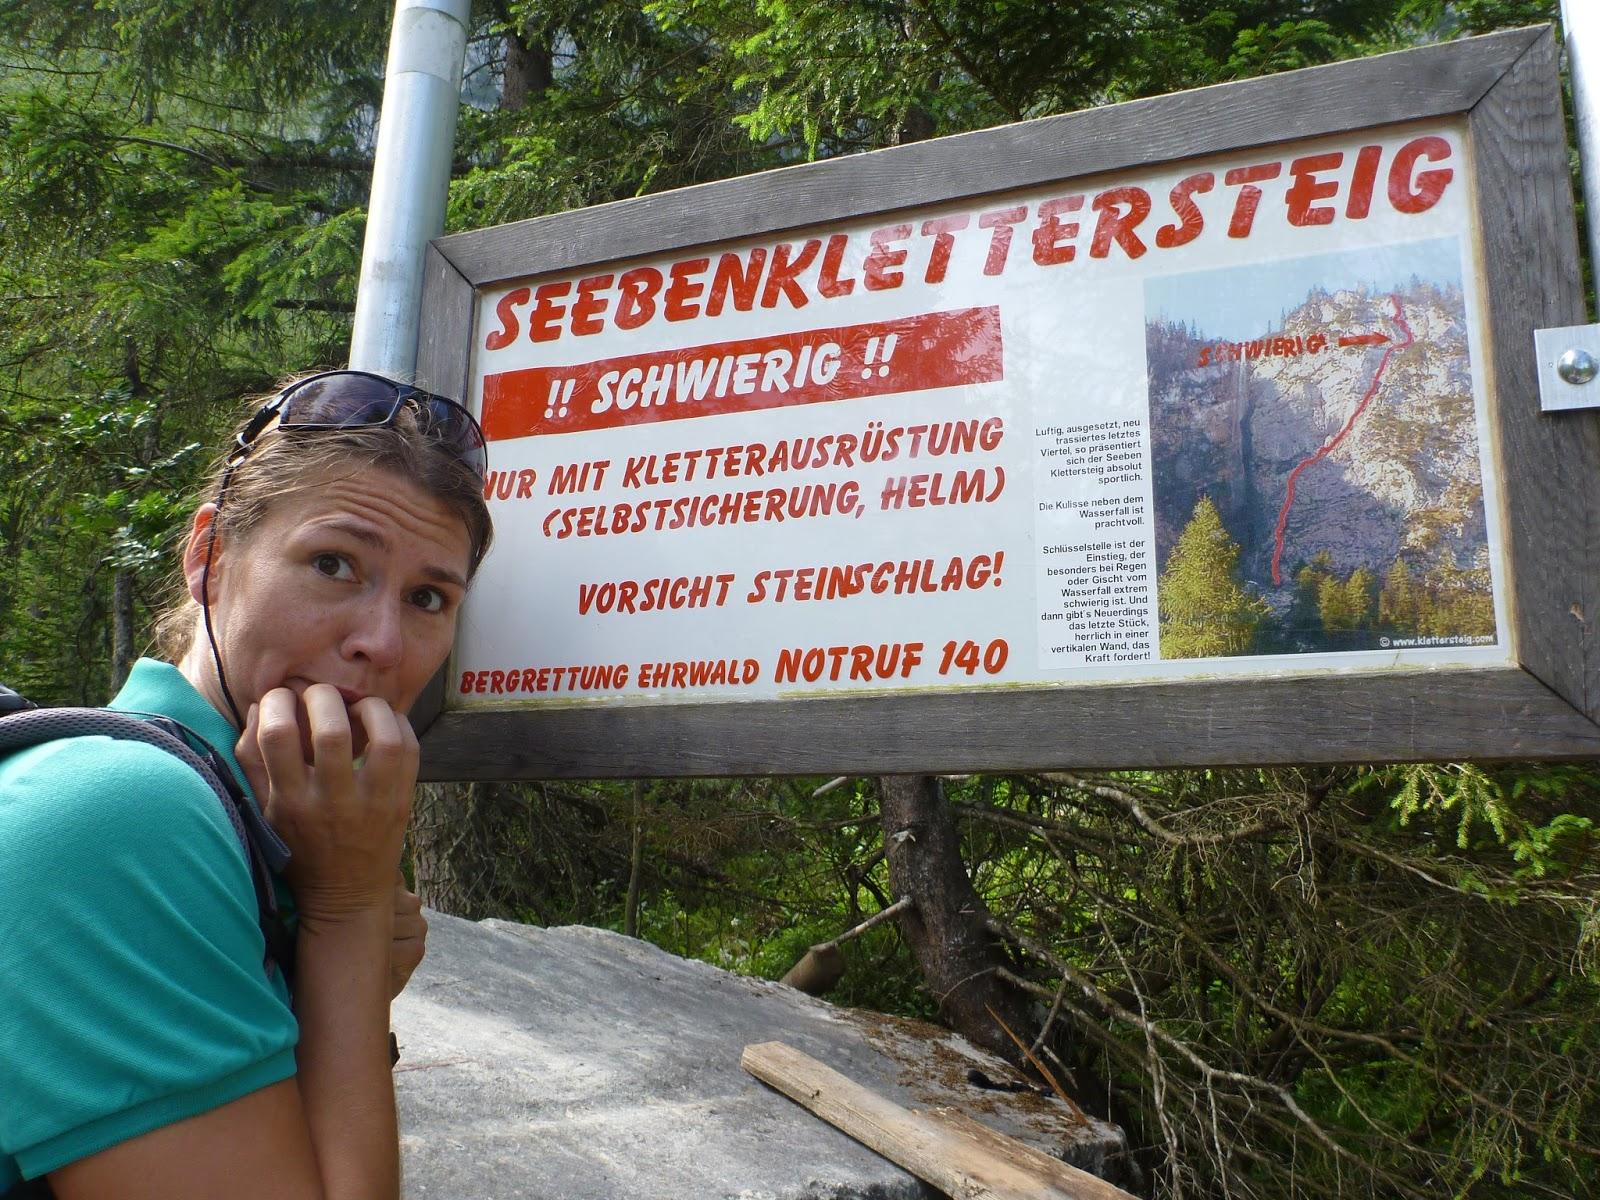 Klettersteig Ehrwald : A sheep abroad seeben klettersteig seebensee at